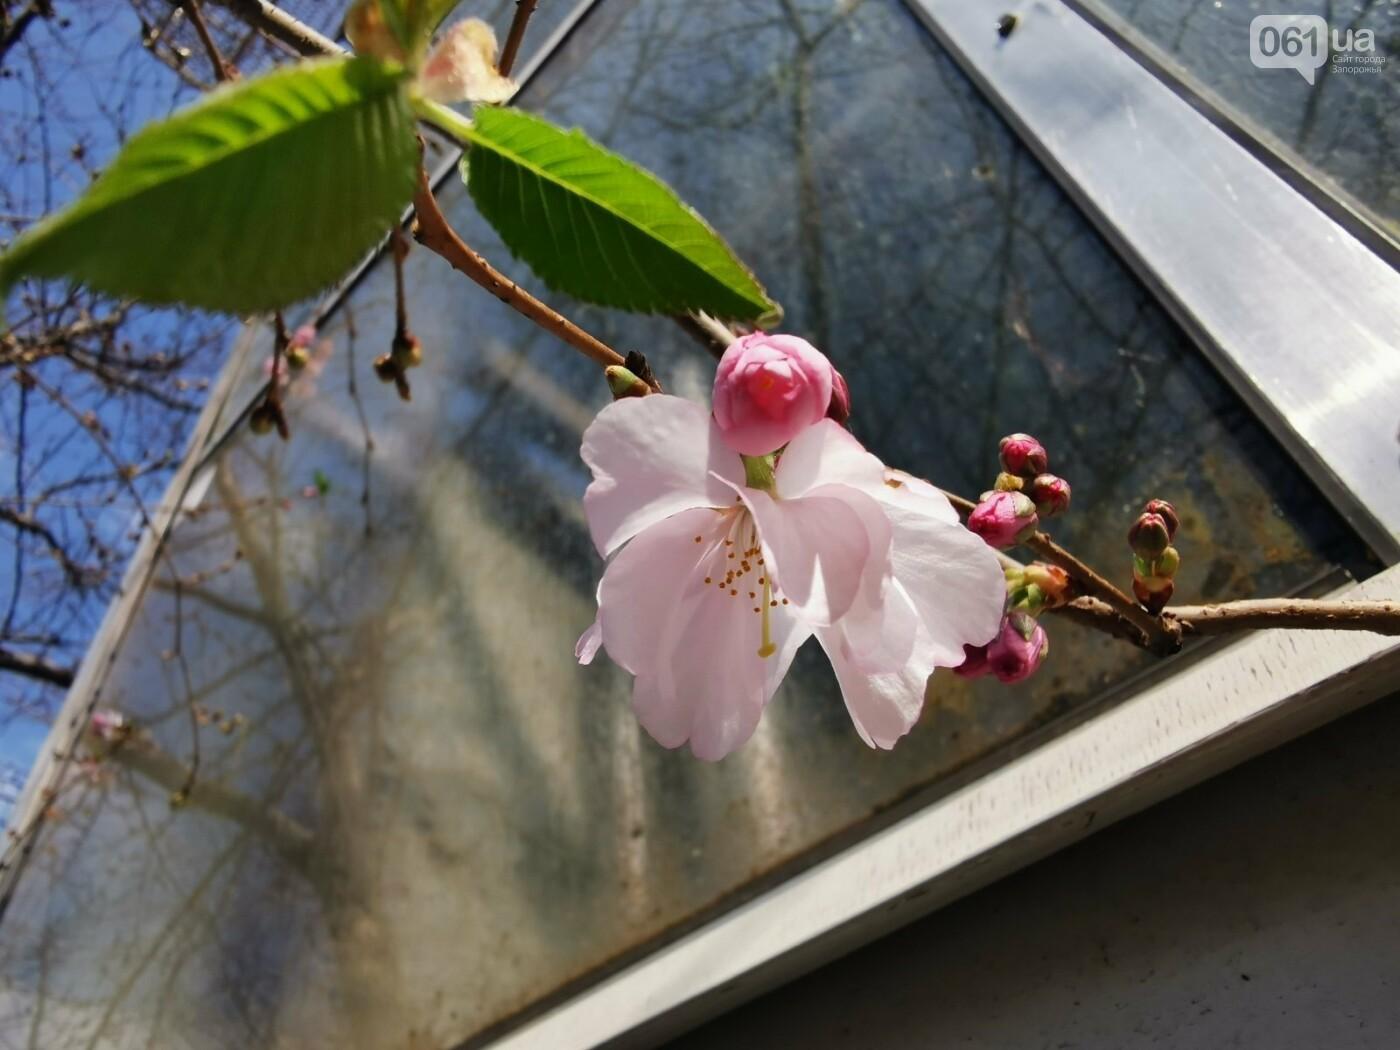 Запорожцы не могут полюбоваться цветением сакуры в ботсаду из-за усиления карантина , фото-1